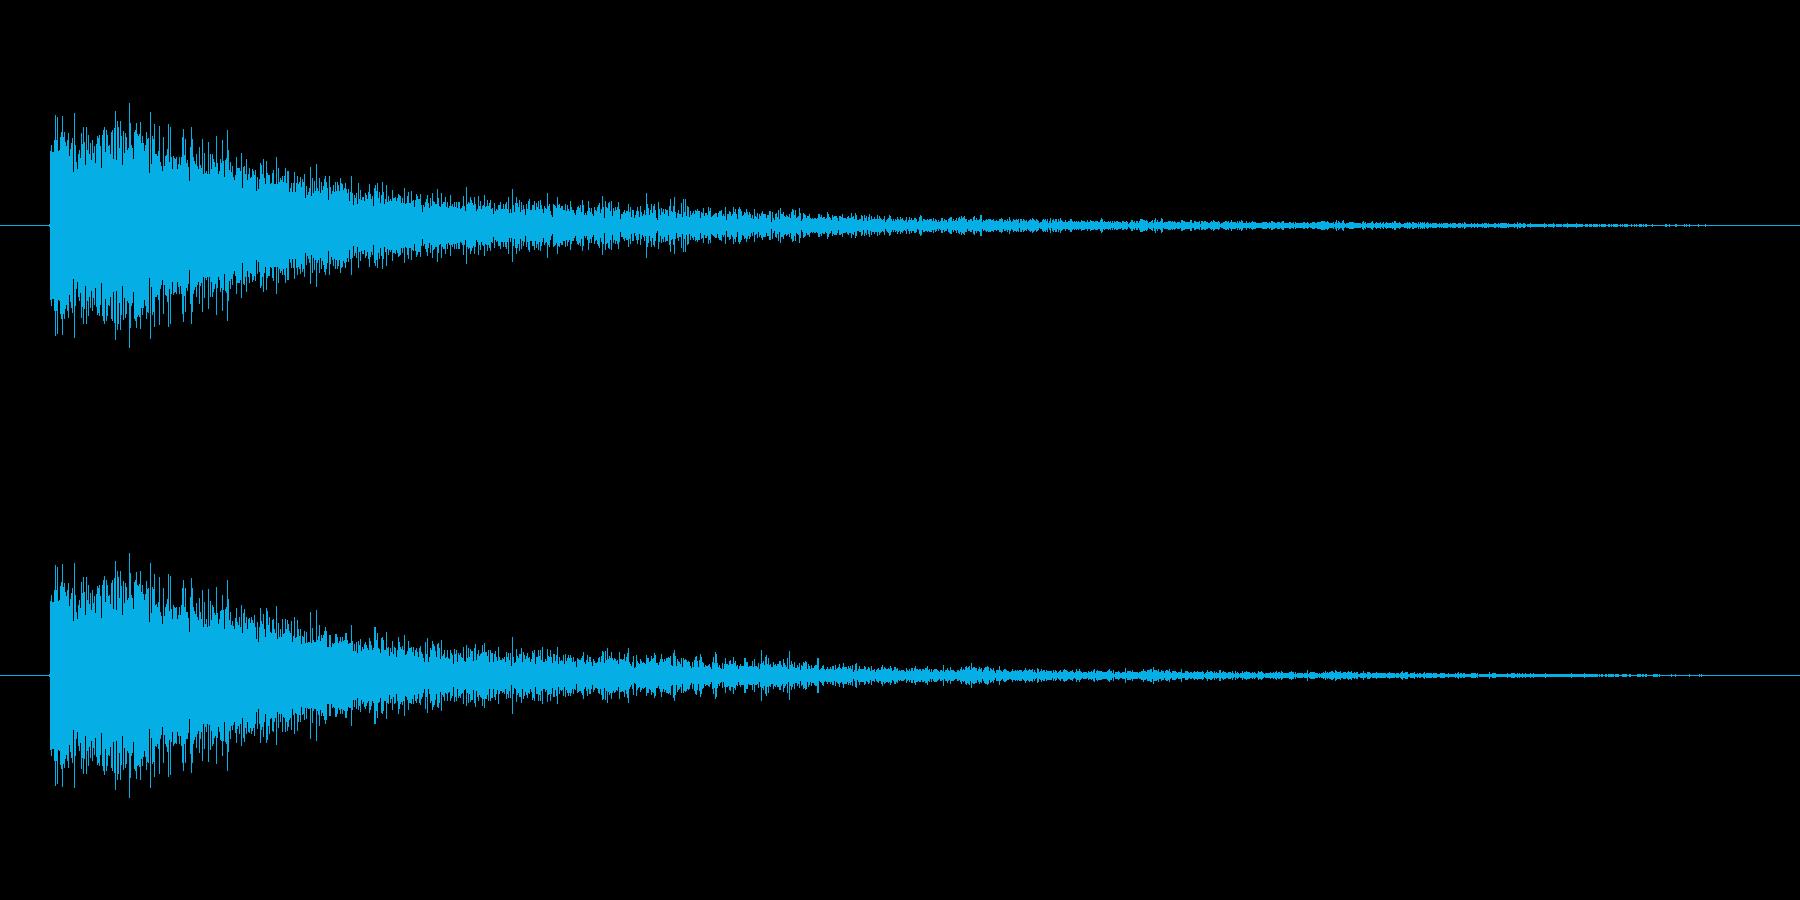 奇妙な風音の再生済みの波形